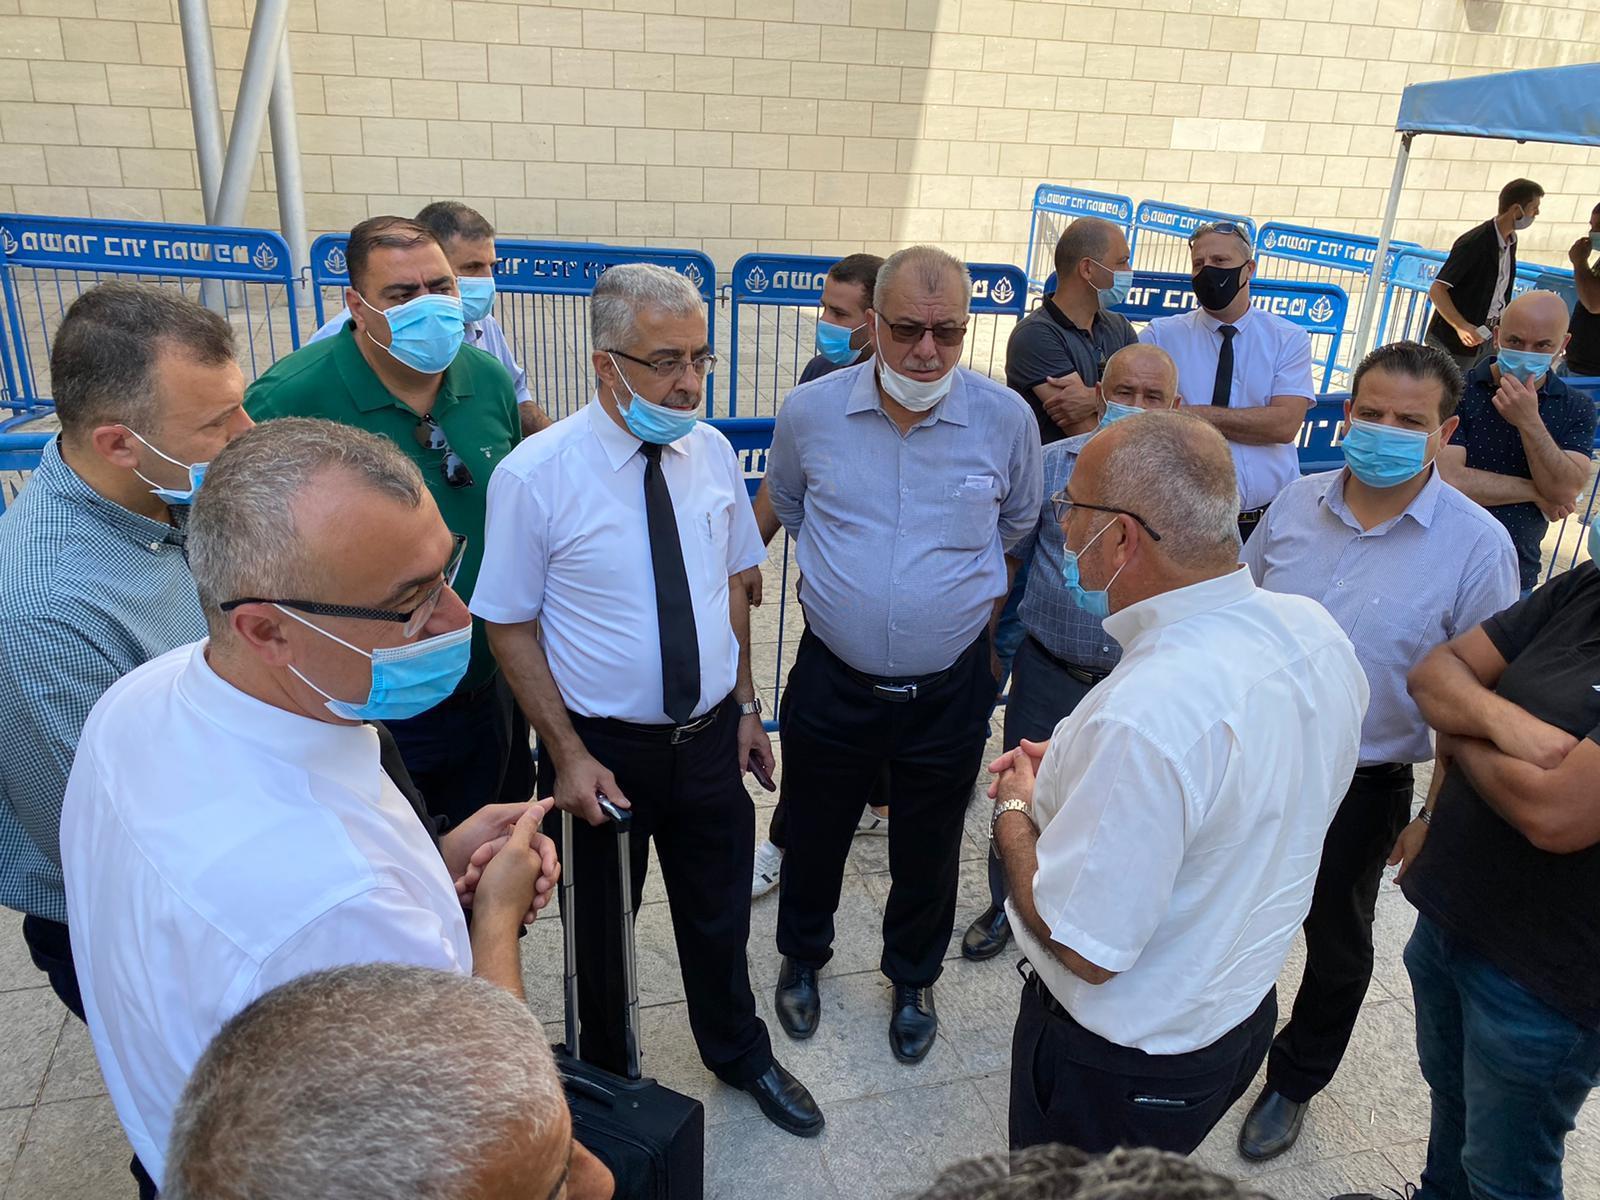 وقفة احتجاجية أثناء بحث المحكمة في حيفا هدم منزل بنحف